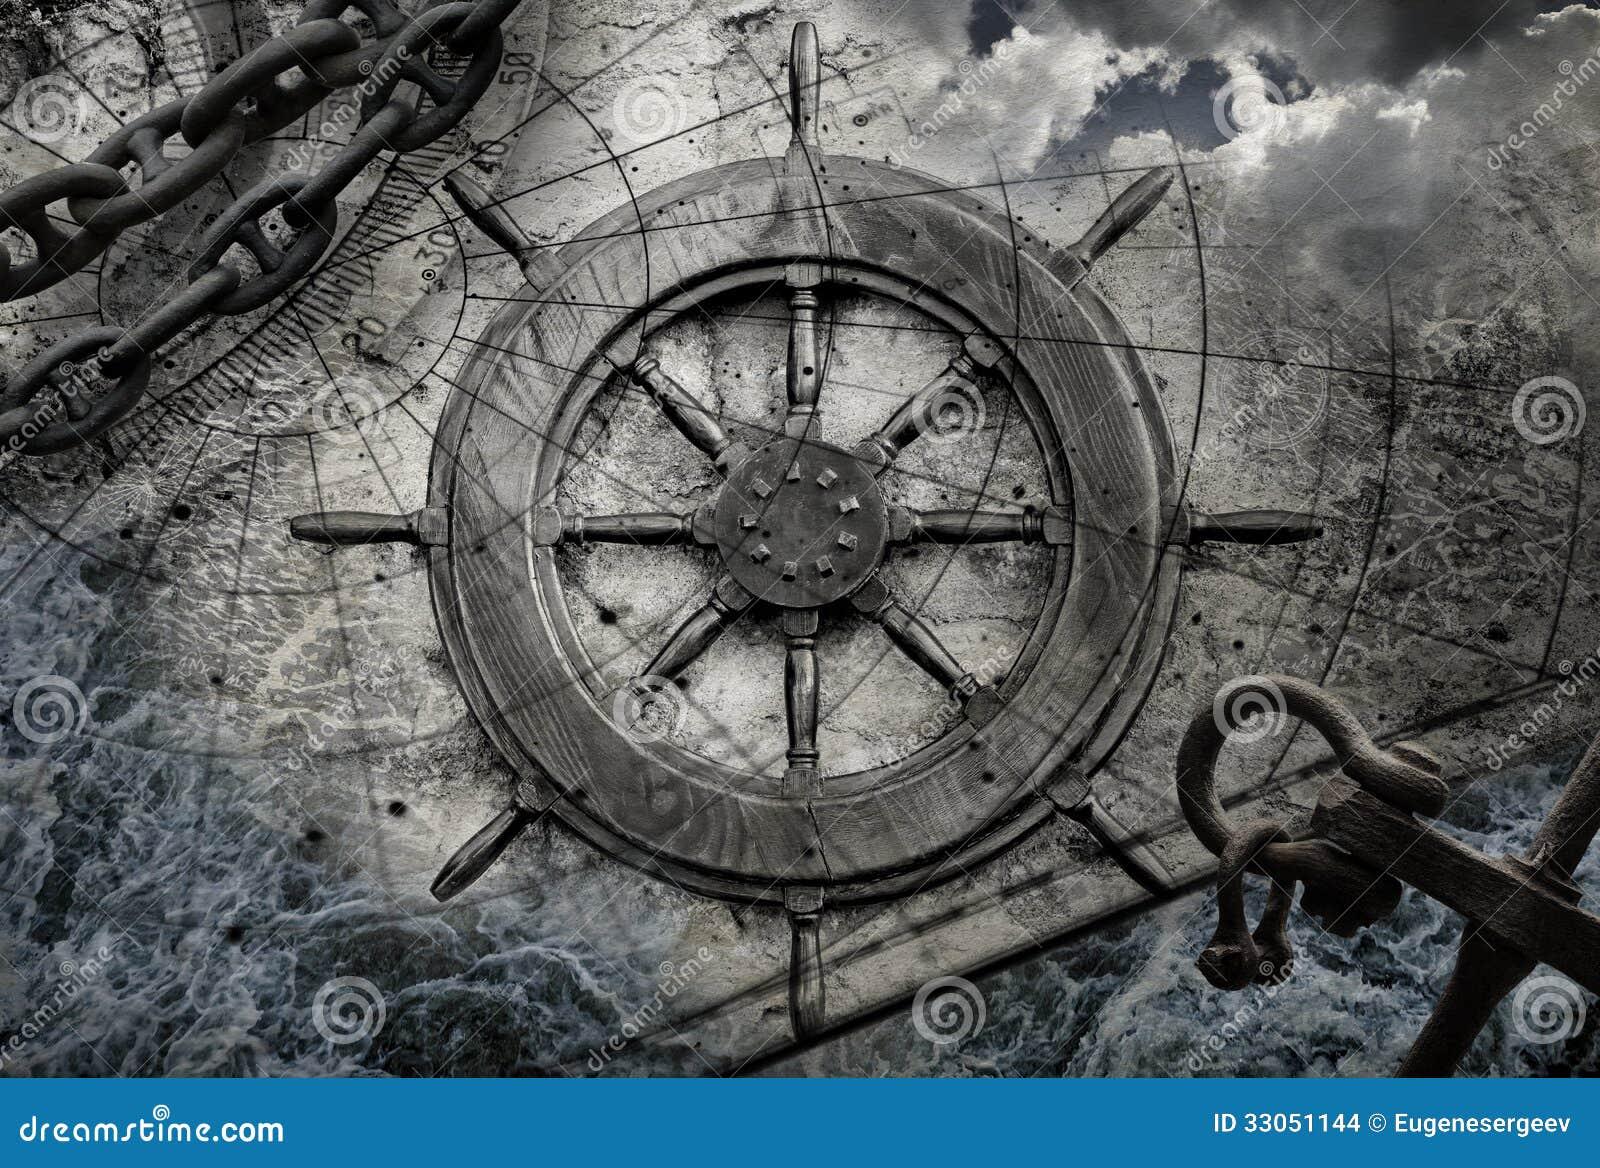 Vintage navigation background illustration